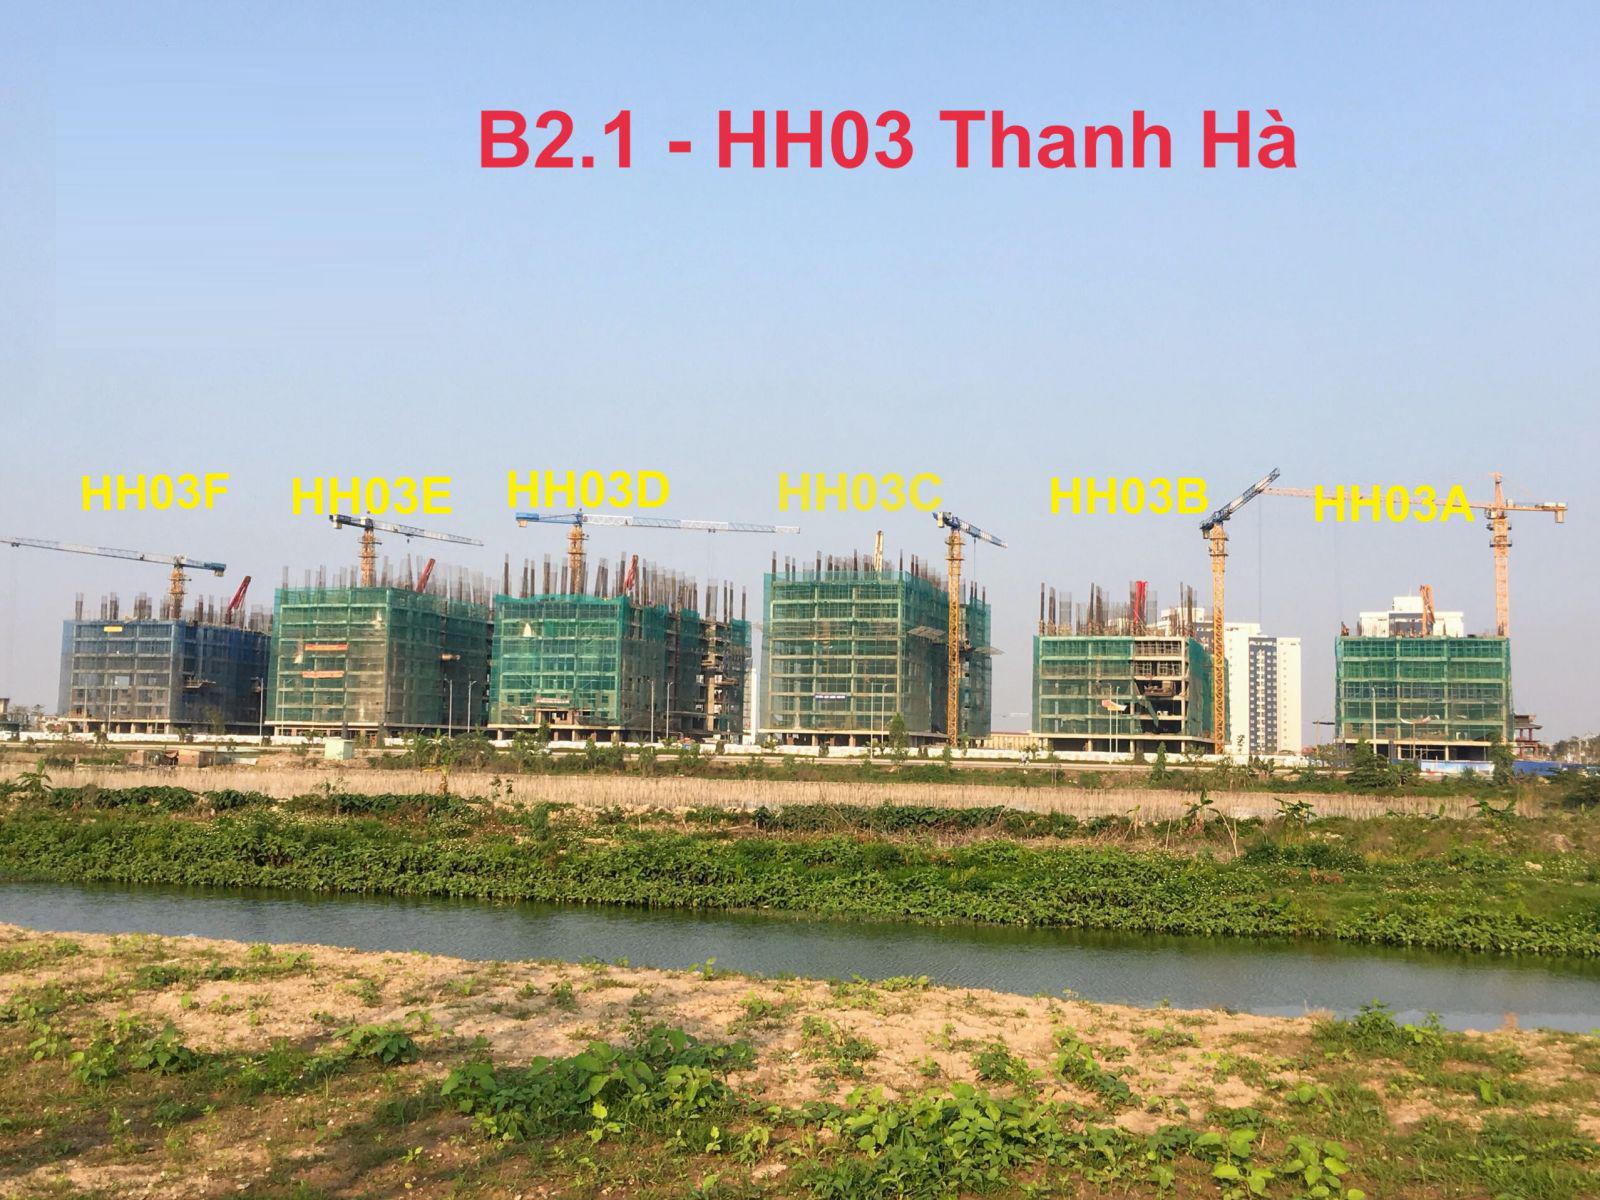 Bán Chung cư tầng 1 tòa B2.1-HH03F, cửa Nam ban công Nam, Khu Đô Thị Thanh Hà Cienco 5 - Mường Thanh [#H1699.1466]